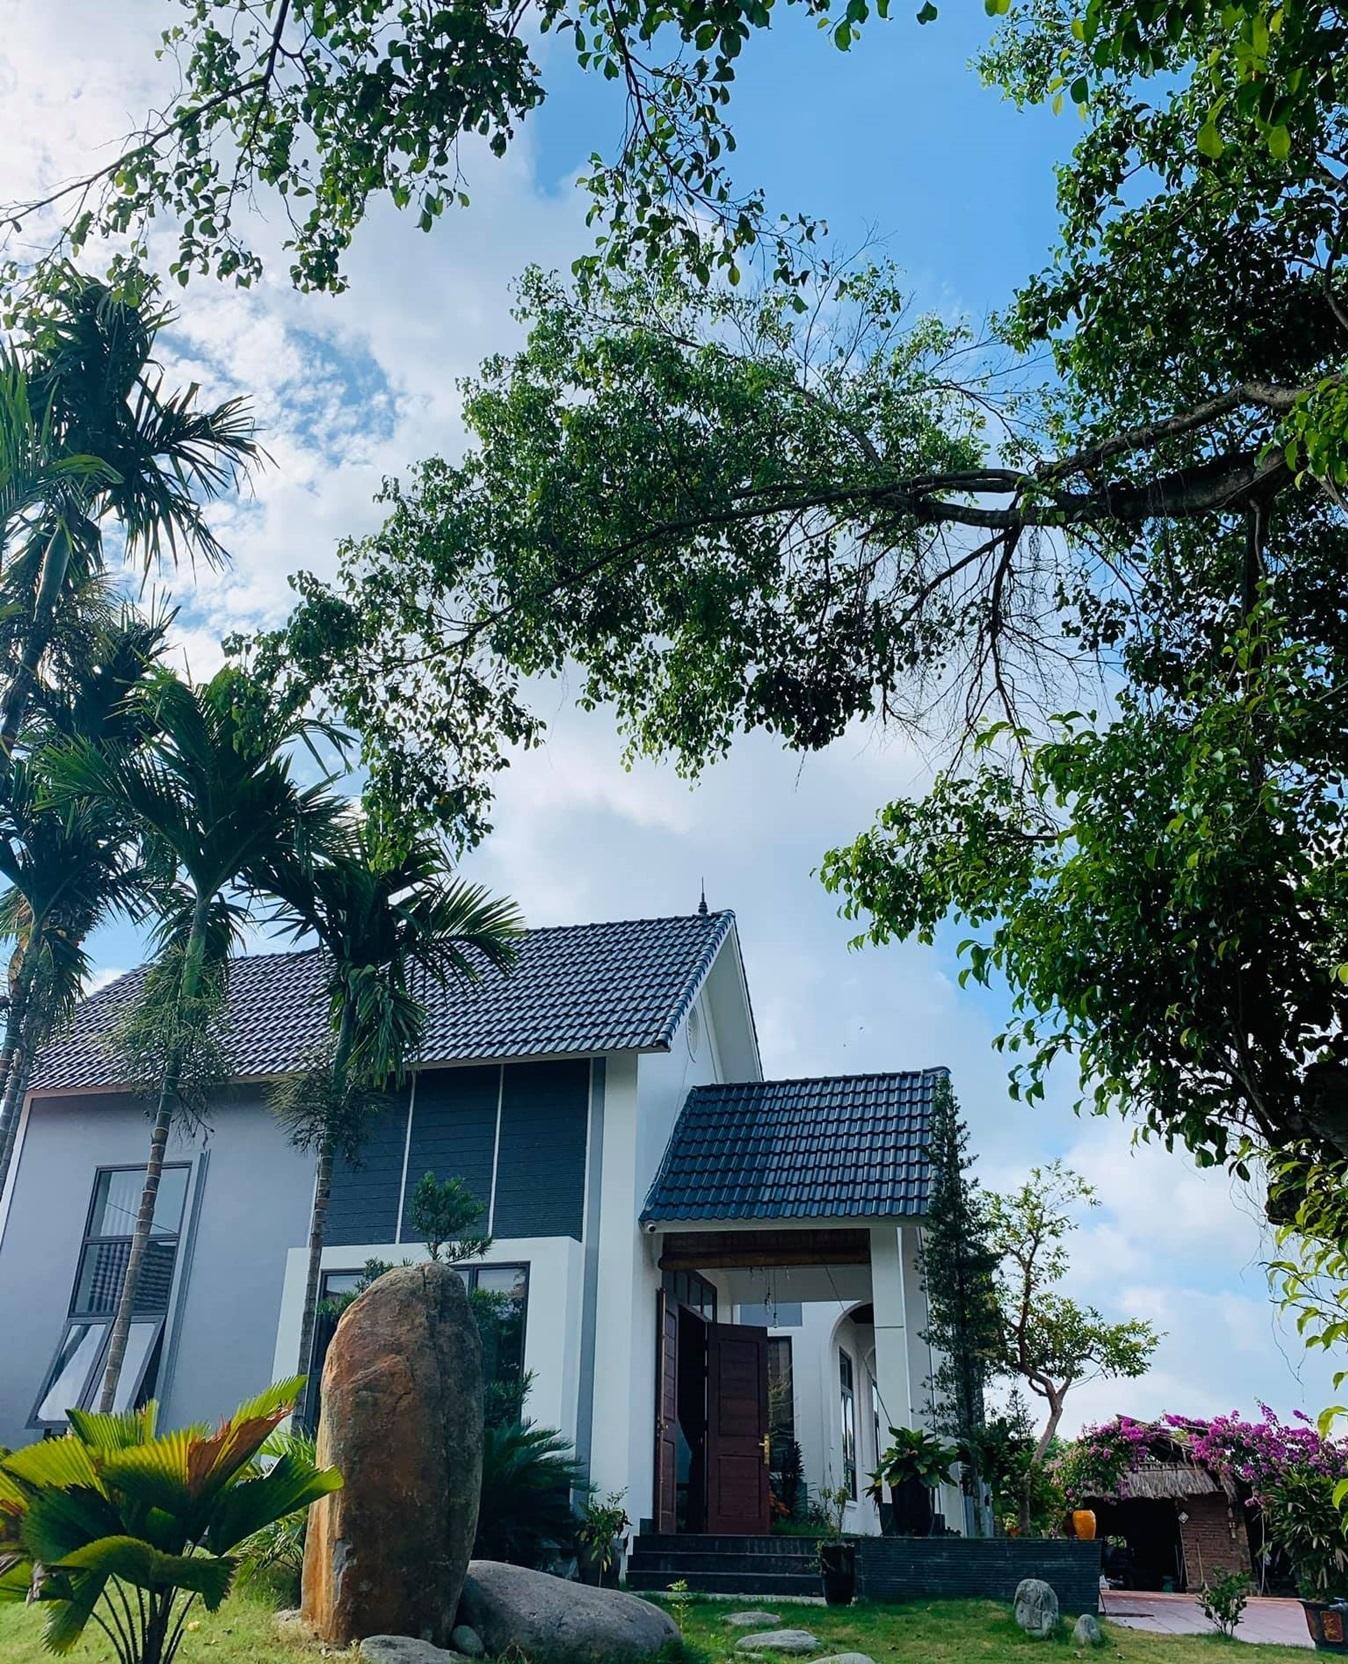 2 15987998998201225031397 - Con trai xây nhà vườn bên đồng lúa xanh mát tặng bố mẹ an hưởng tuổi già ở Vĩnh Phúc